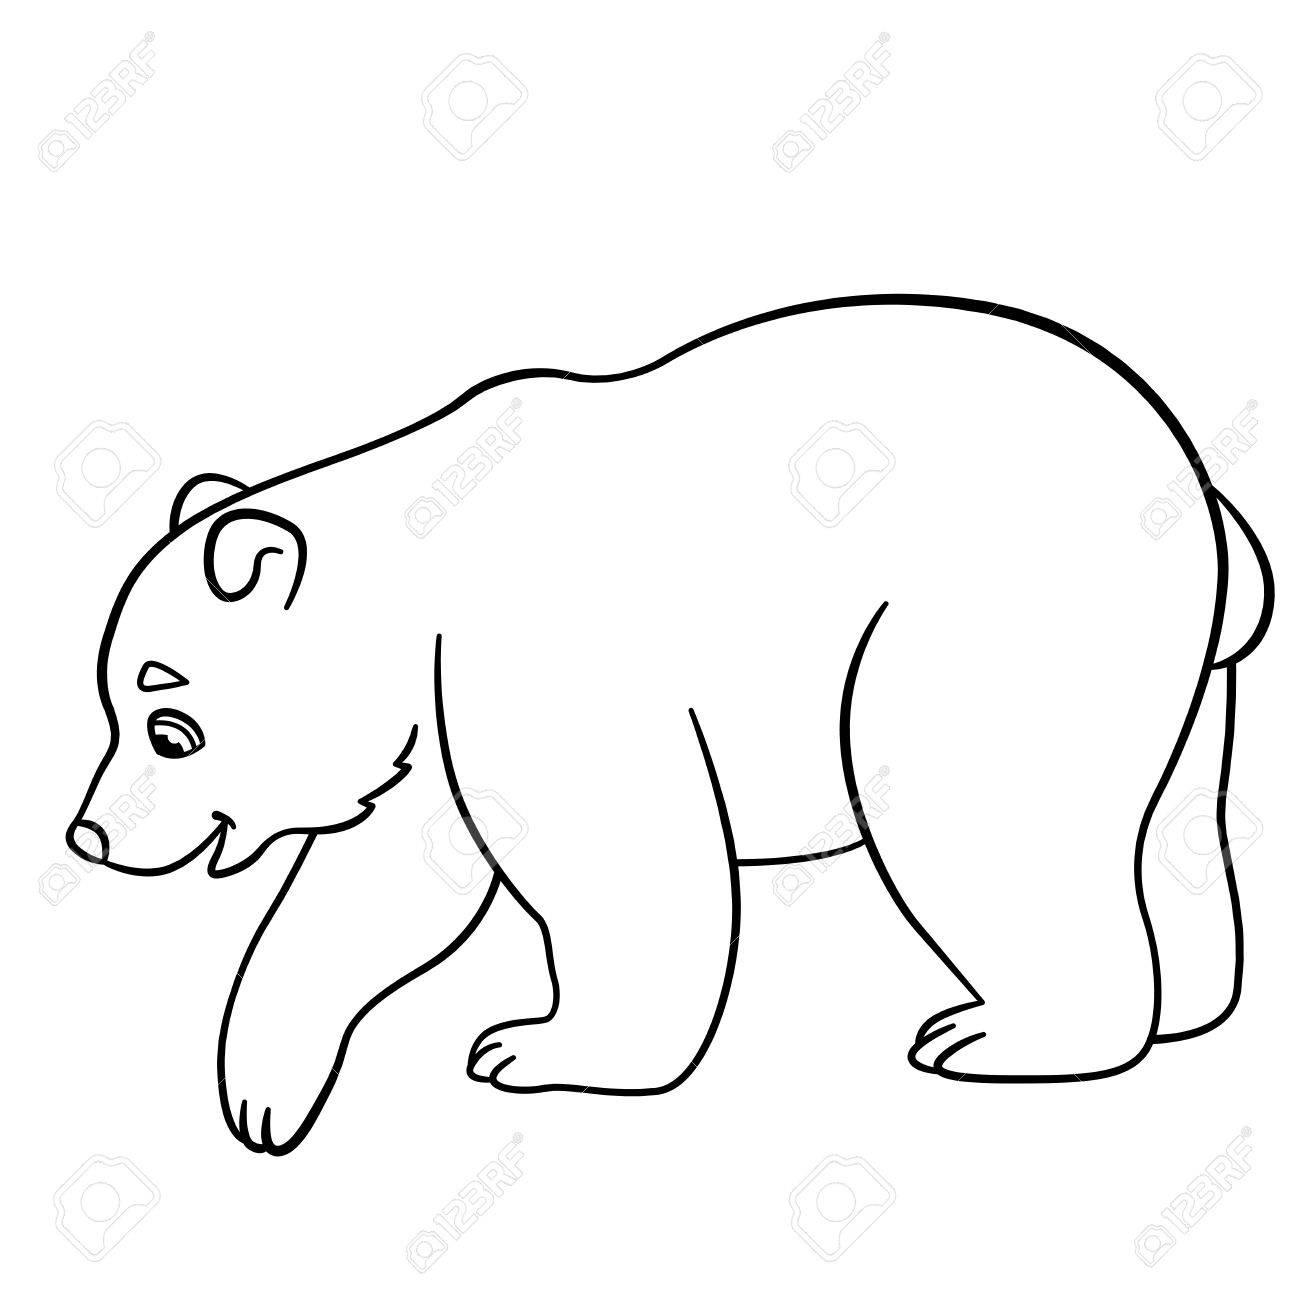 Malvorlagen. Kleine Süße Baby-Eisbär Steht Und Lächelt. Lizenzfrei ...